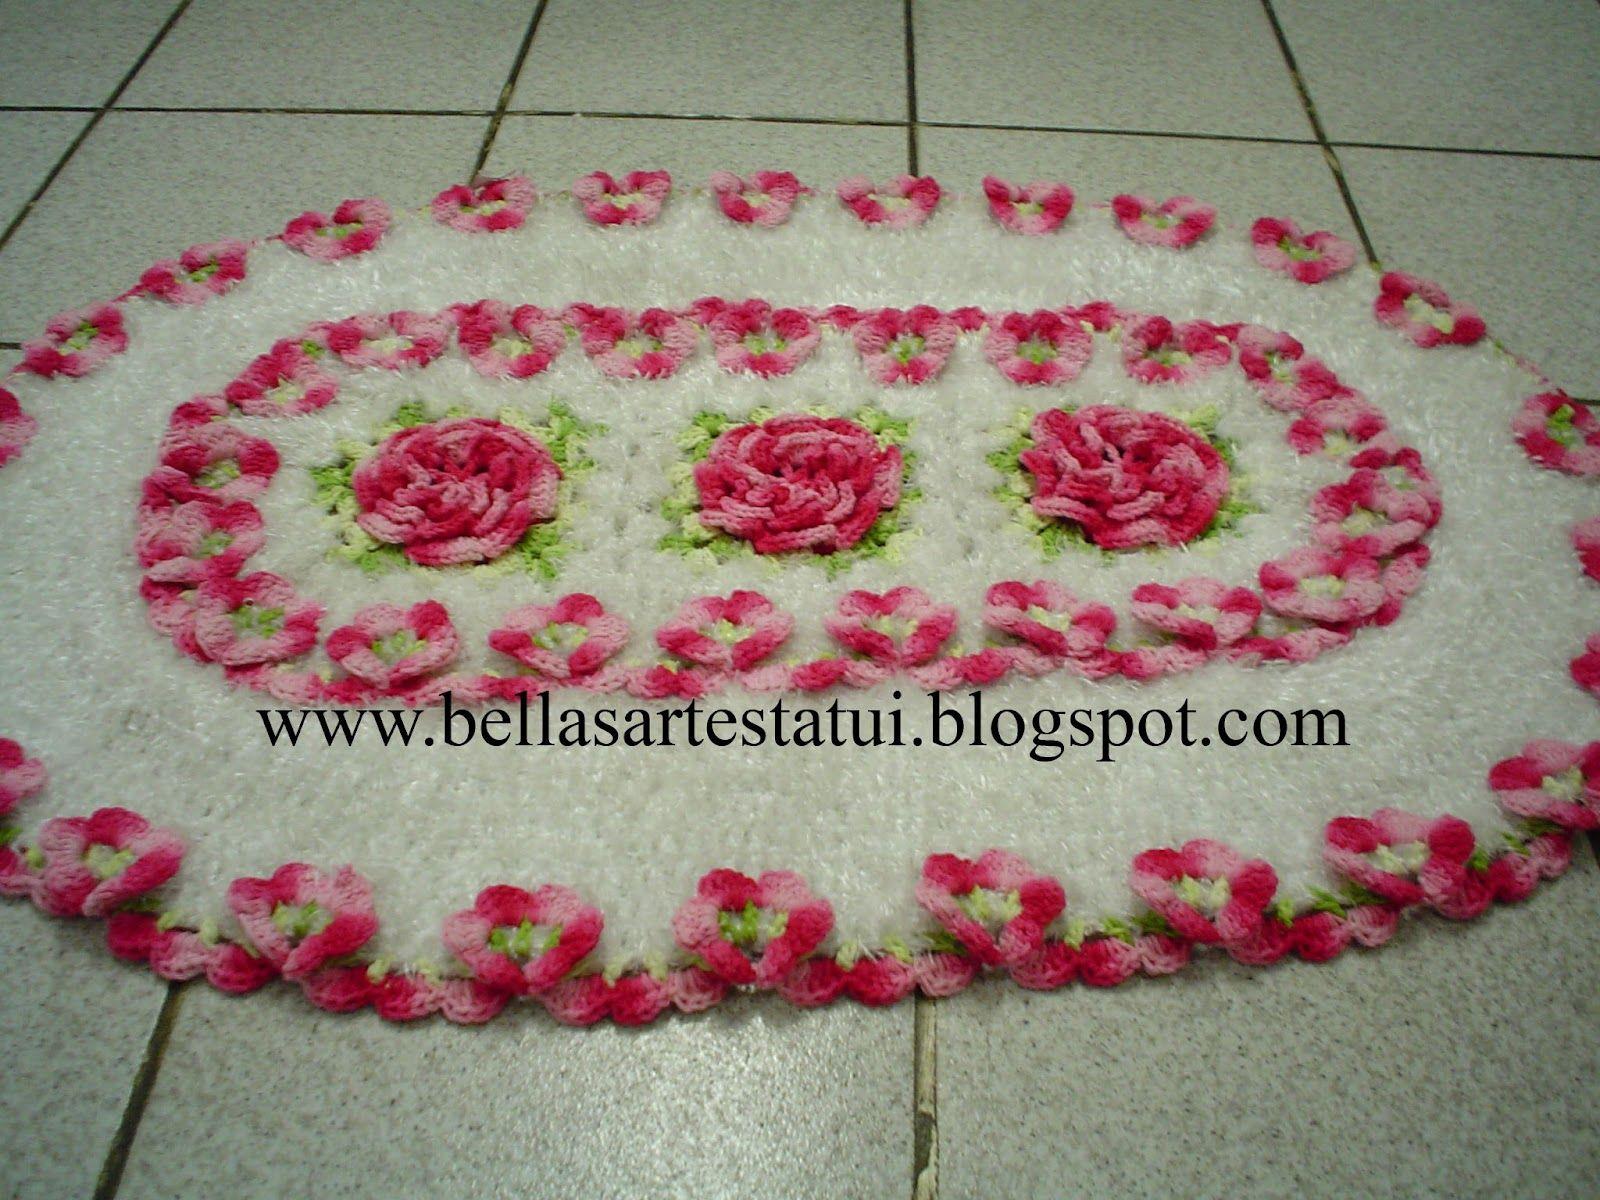 bellas artes tatui tapete croche flor amor perfeito | Croche | Pinterest